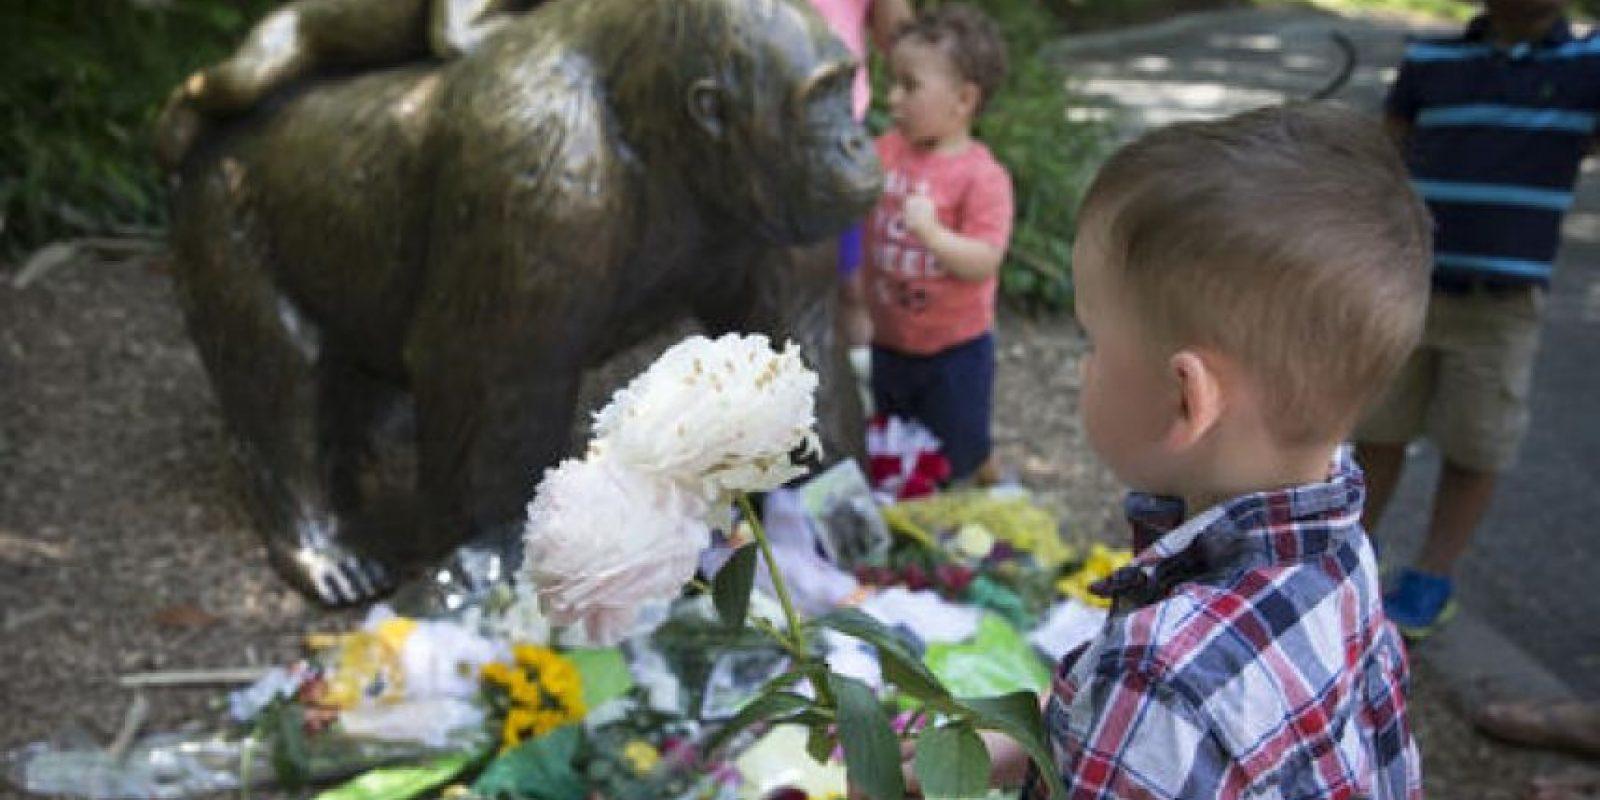 """La muerte del gorilla """"Harambe"""" causó indignación en redes sociales Foto:AP. Imagen Por:"""